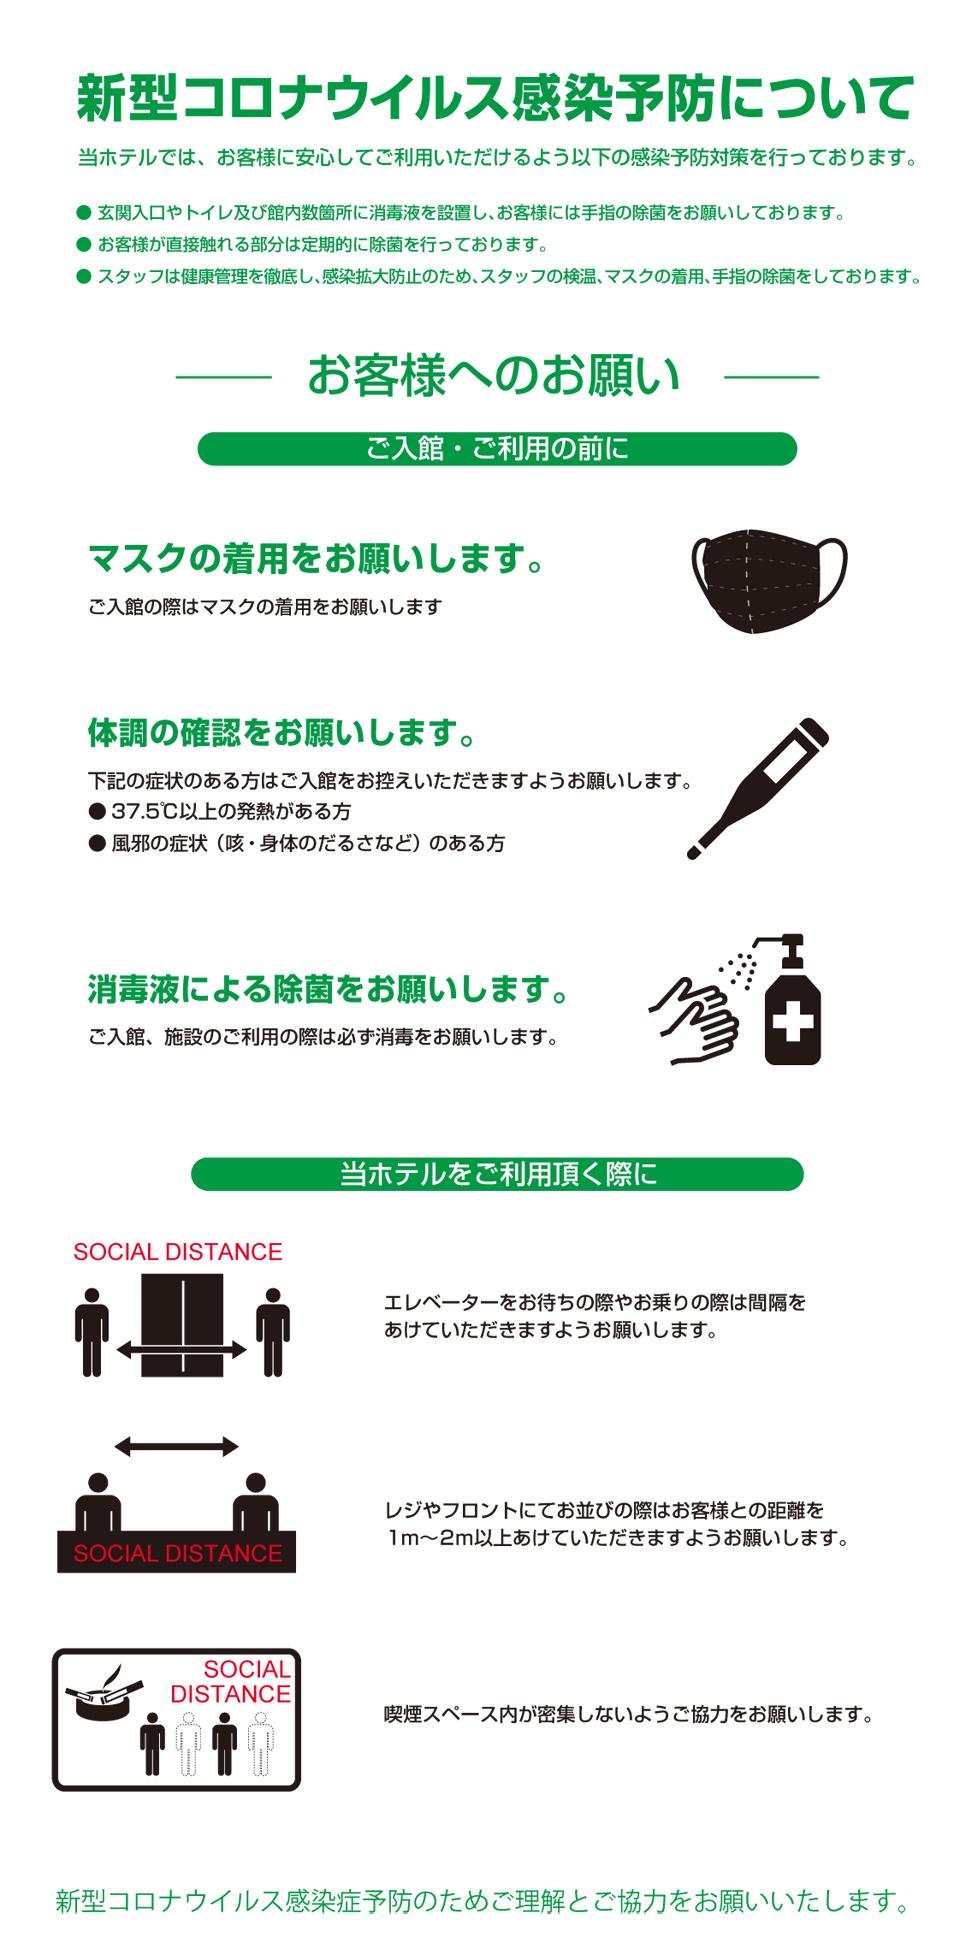 富山 コロナ ウイルス 感染